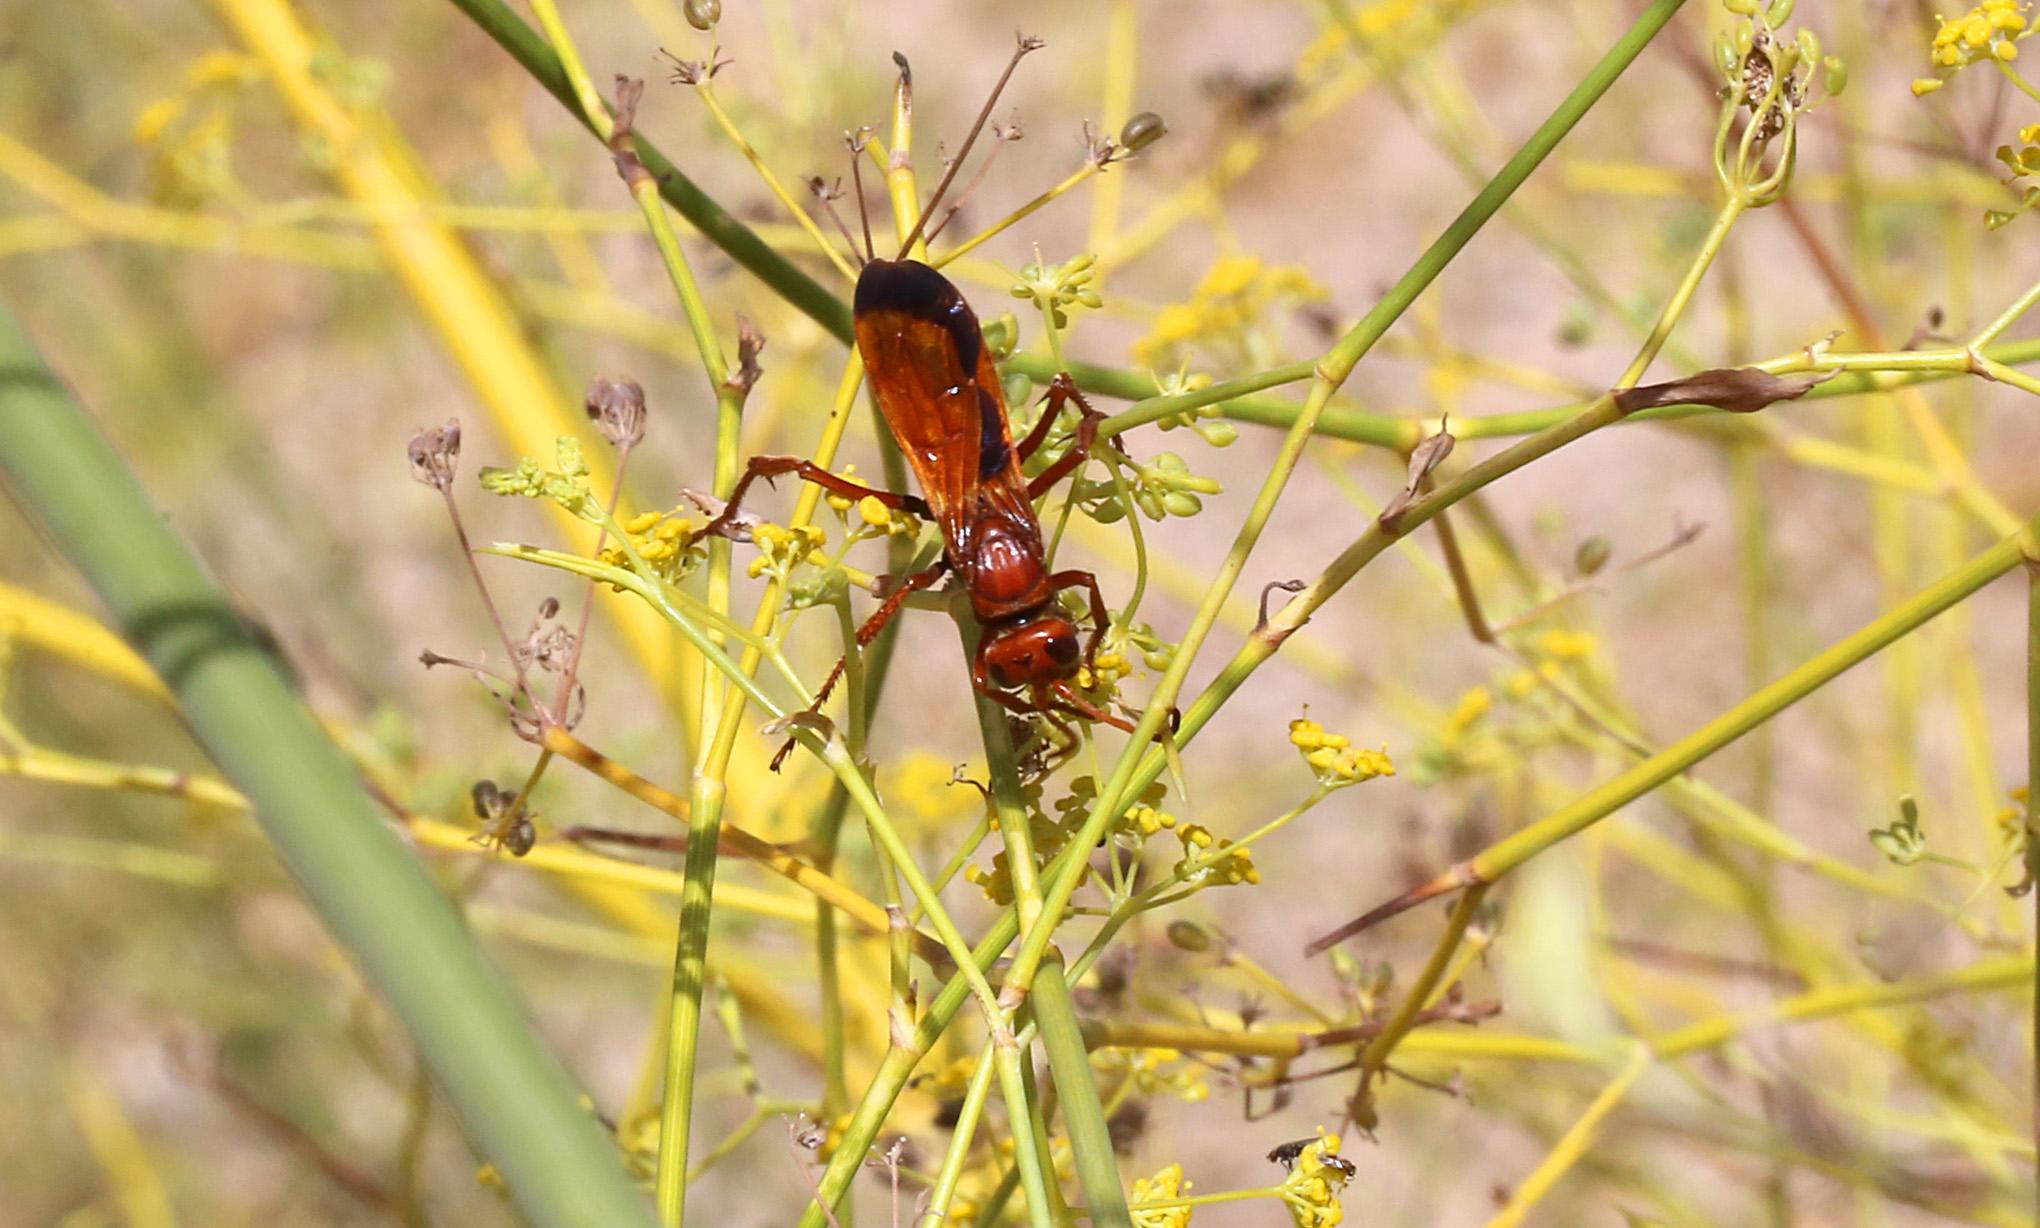 Wasps - 3 IMG_5659